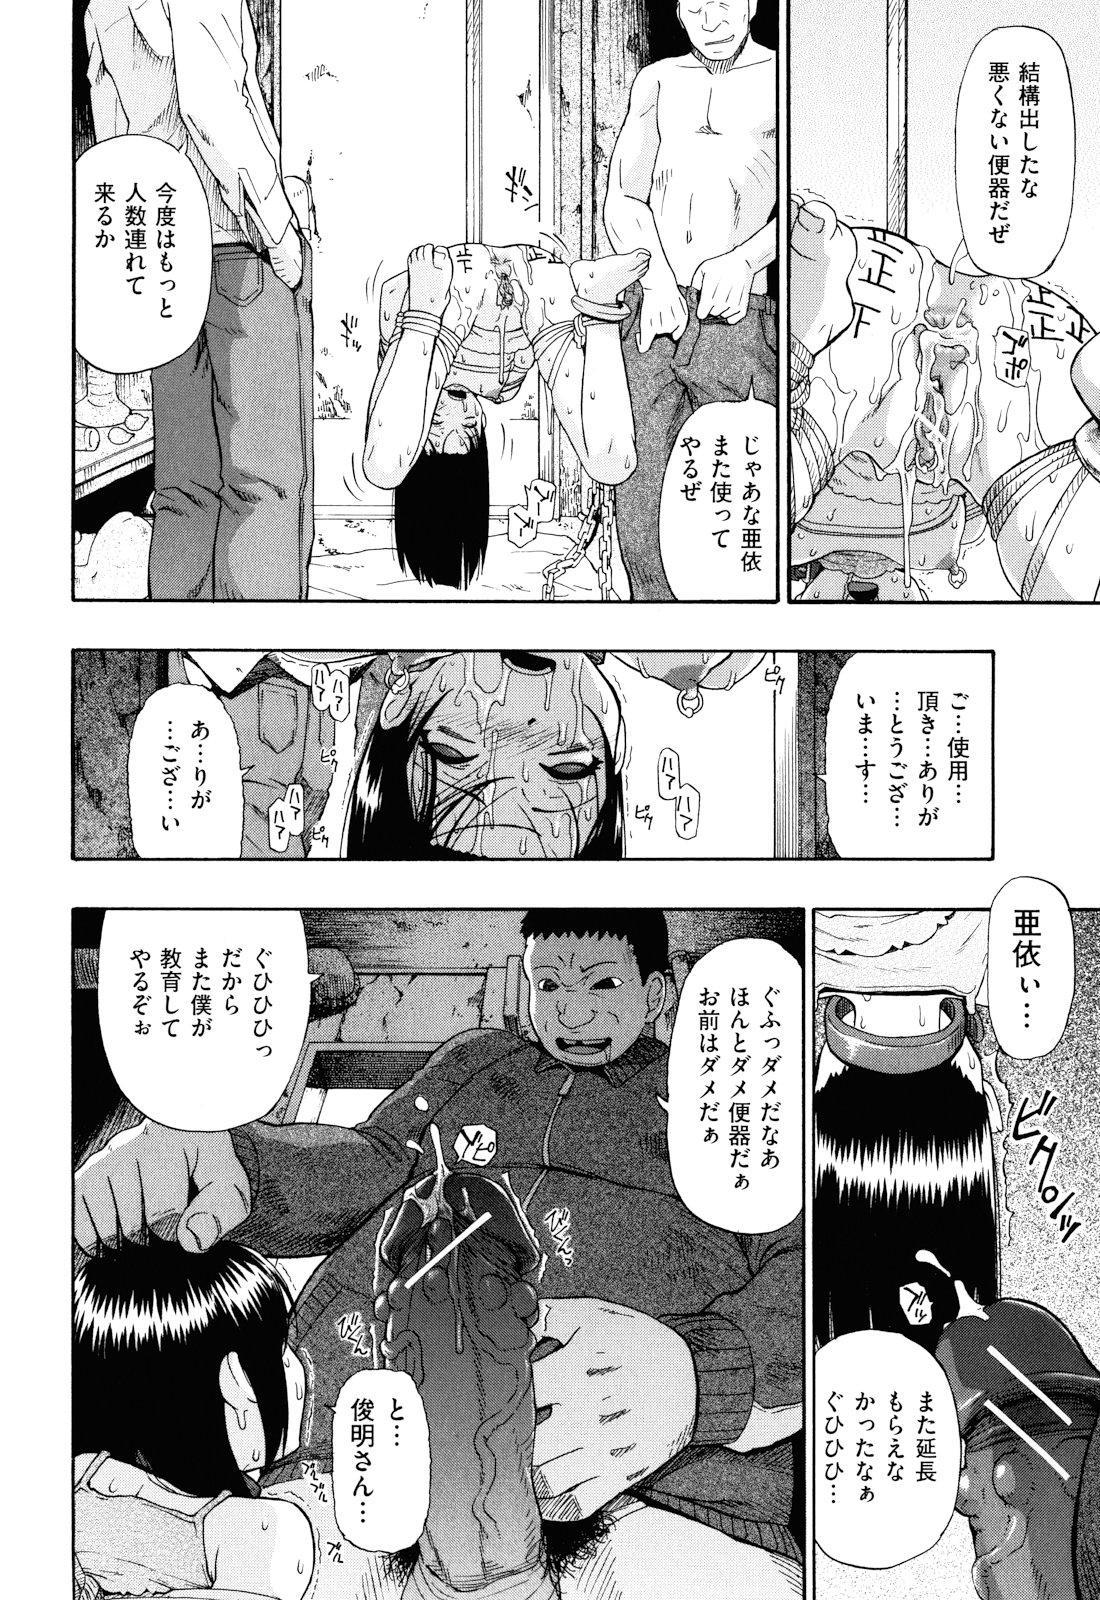 Watashi Kirei? 90